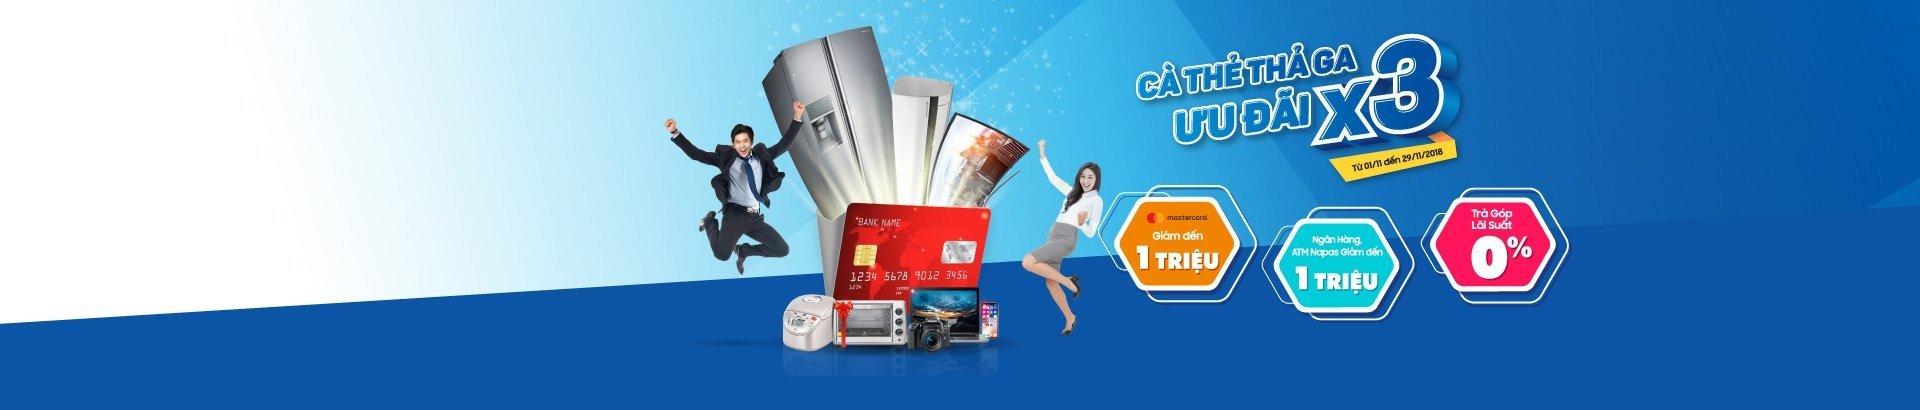 Cà thẻ thả ga<br/>ưu đãi x3